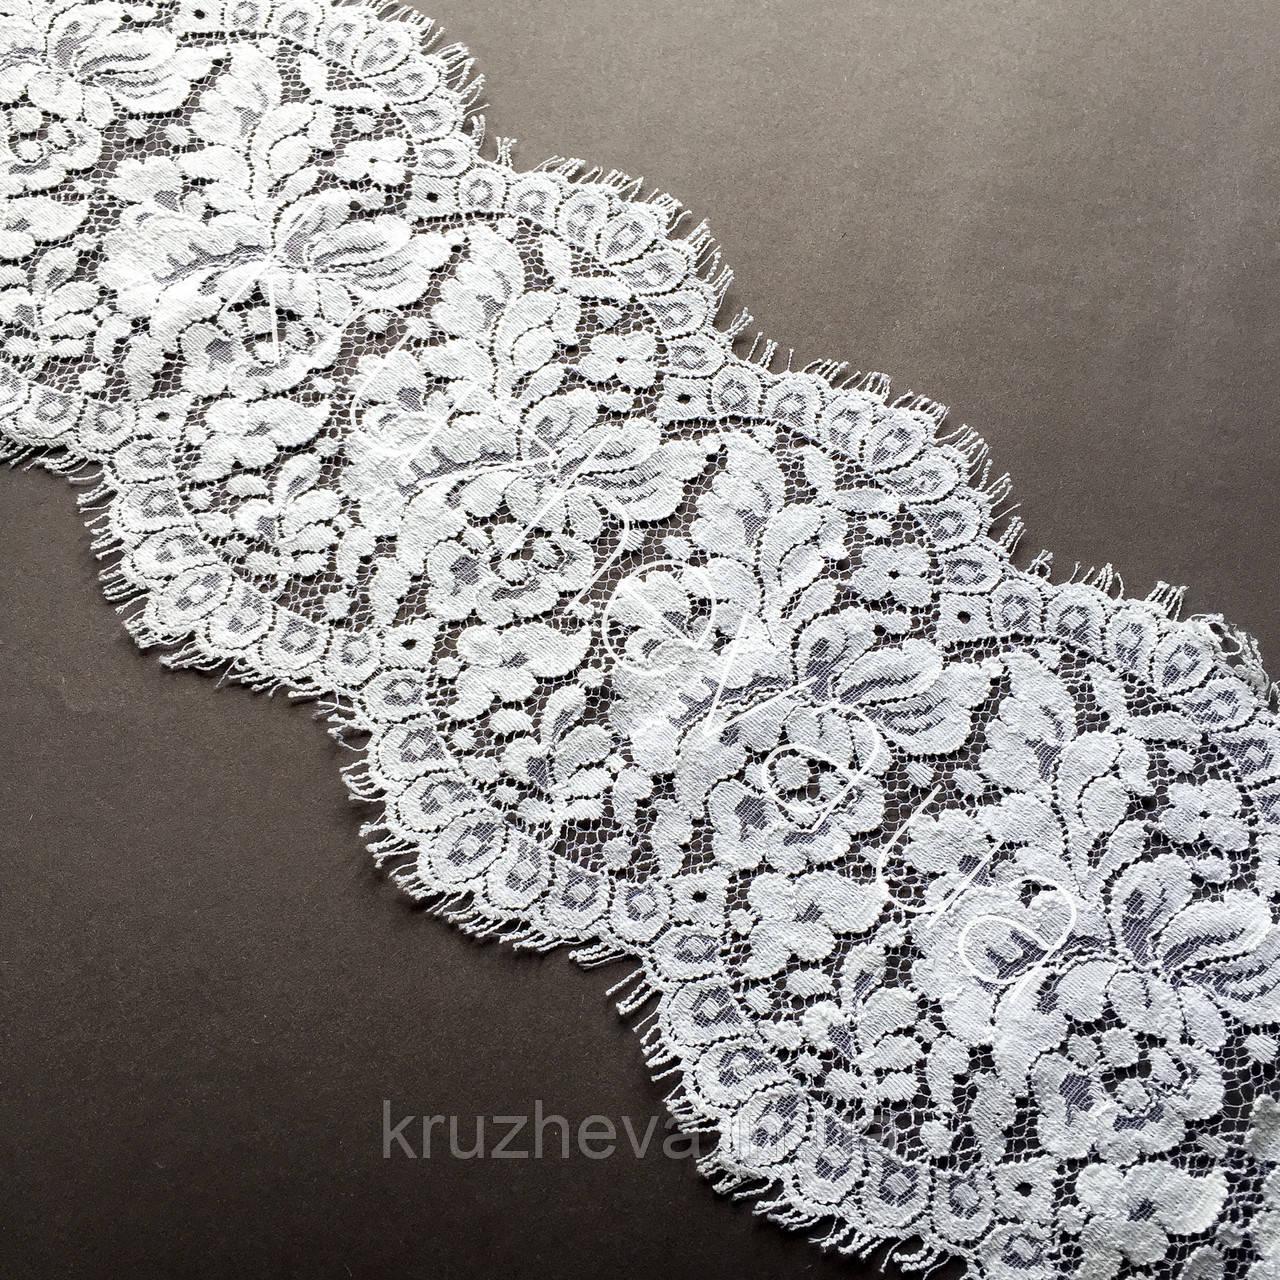 Ажурне французьке мереживо шантильї (з віями) білого кольору шириною 16,5 см, довжина купона 2,35 м.